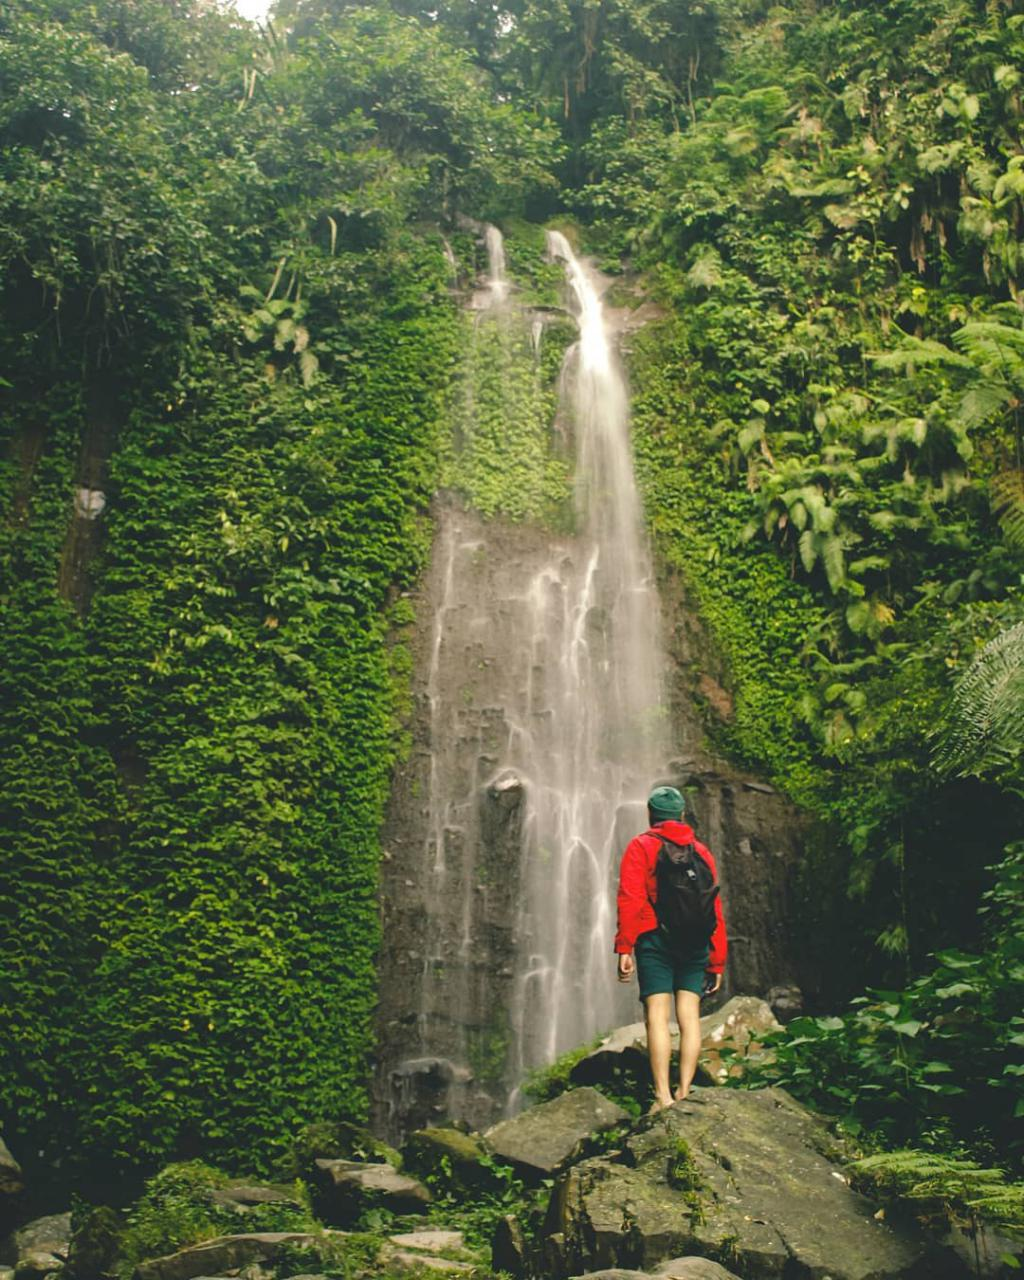 Tempat Wisata Air Terjun Curug Nangka Bogor